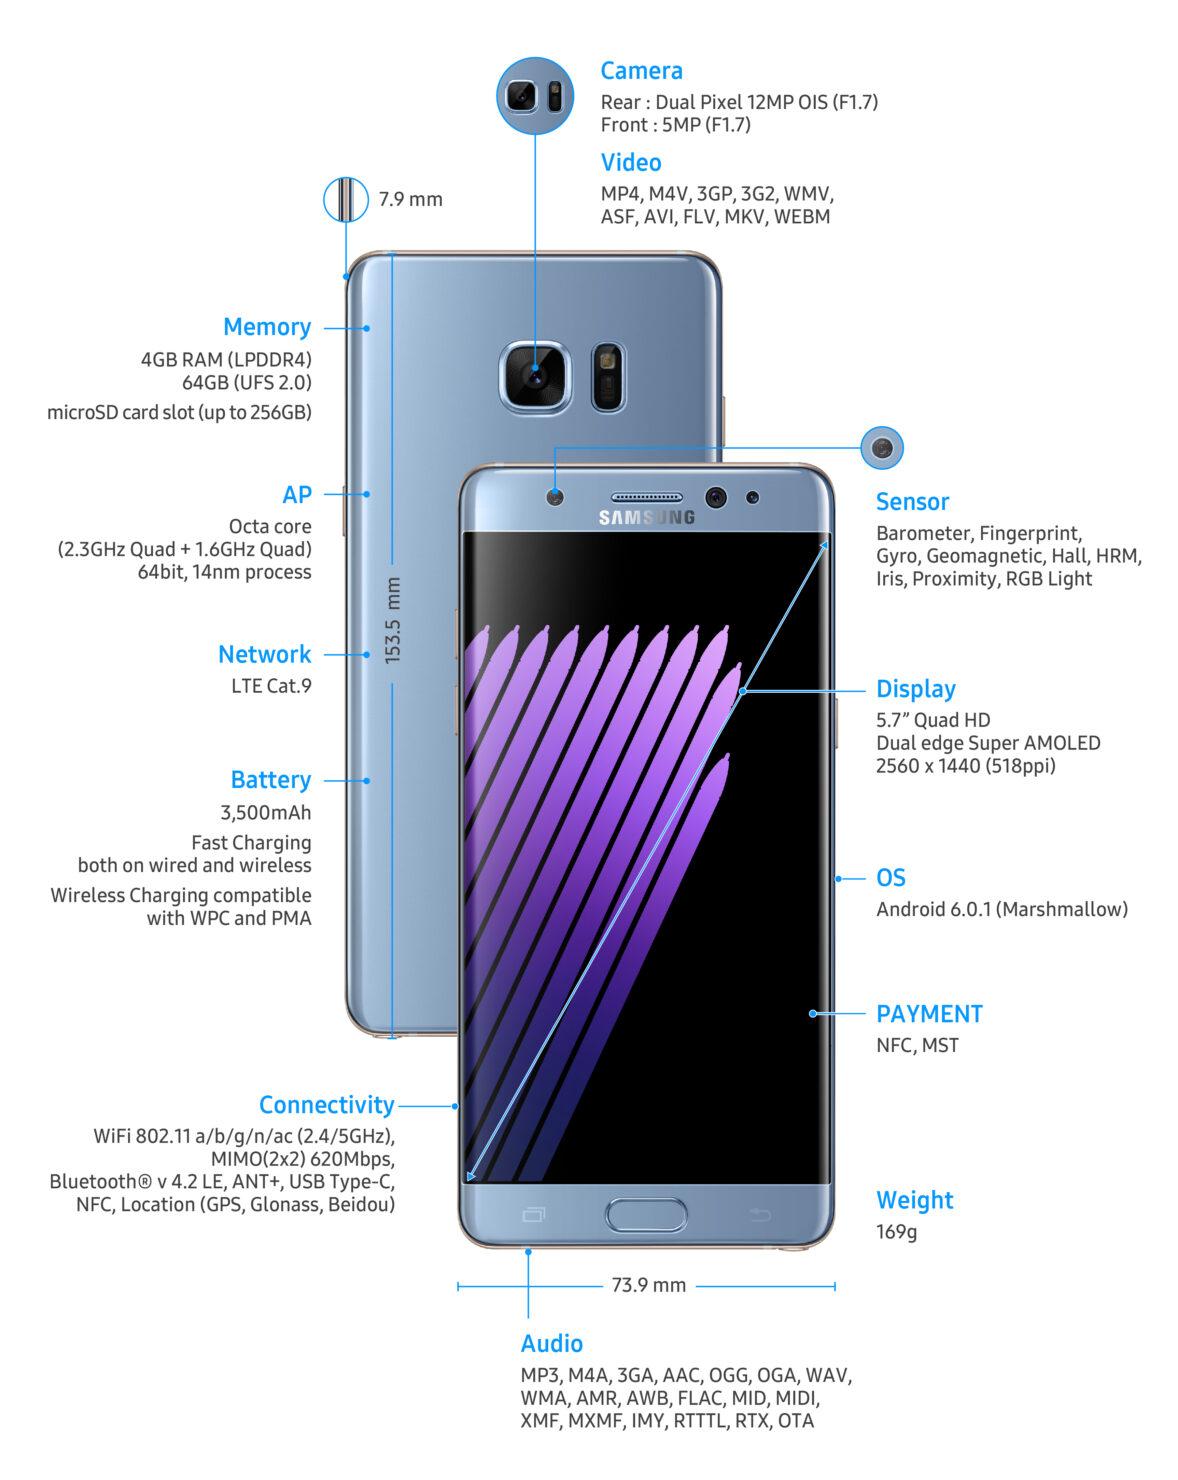 Galaxy Note 7 camera samples